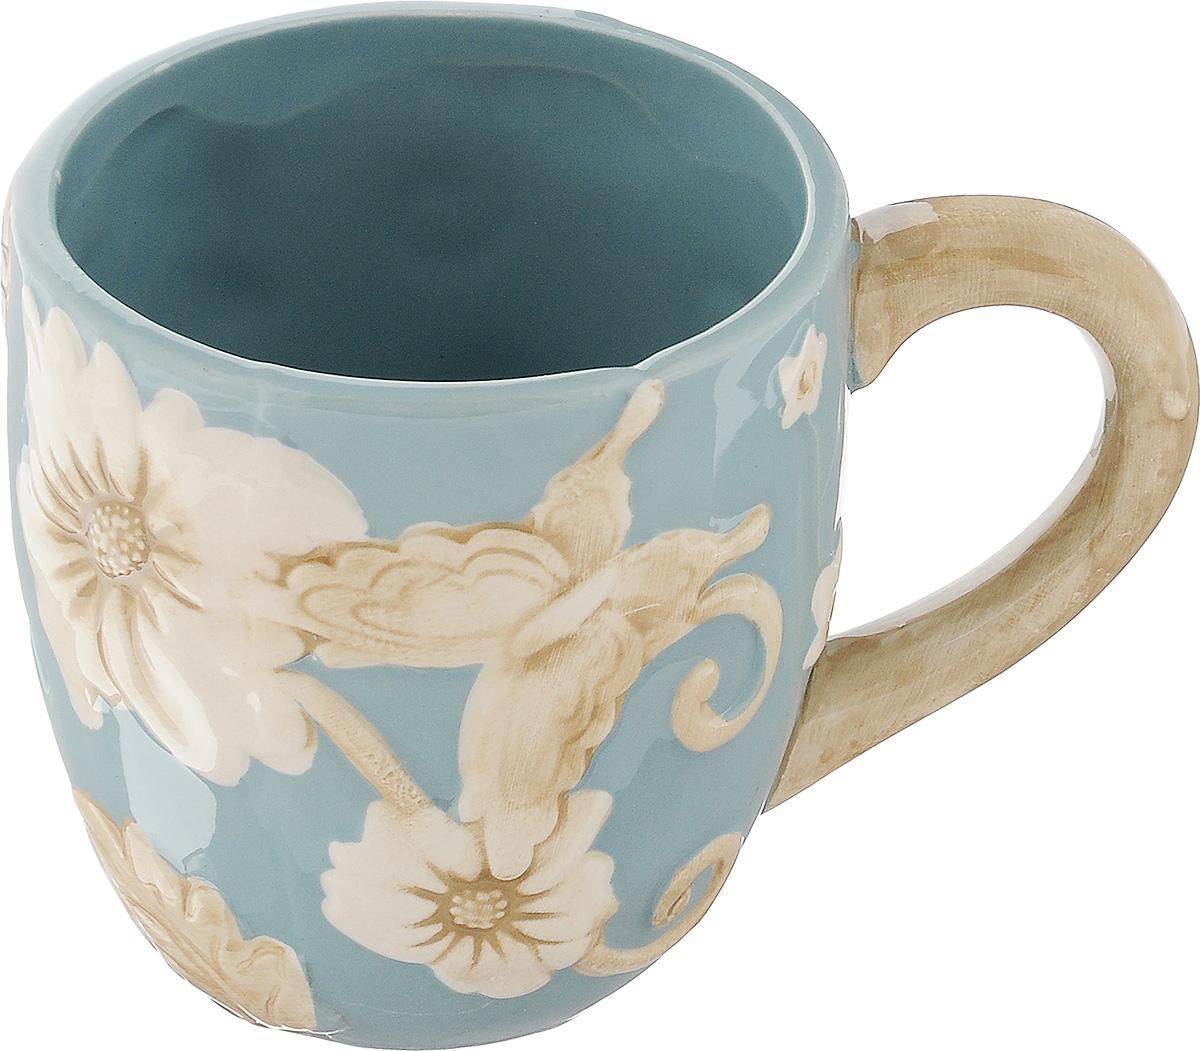 Кружка Mayer & Boch Розы, цвет: голубой, 310 мл22451Кружка Mayer & Boch Цветы изготовлена из высококачественного материала доломита и декорирована рельефным цветочным рисунком. Изделие оснащено удобной ручкой. Такая кружка станет практичным сувениром и незаменимым атрибутом чаепития, а оригинальное оформление добавит ярких эмоций в процессе чаепития. Можно мыть в посудомоечной машине и использовать в микроволновой печи. Диаметр кружки (по верхнему краю): 8 см. Высота кружки: 9 см. Объем кружки: 310 мл.